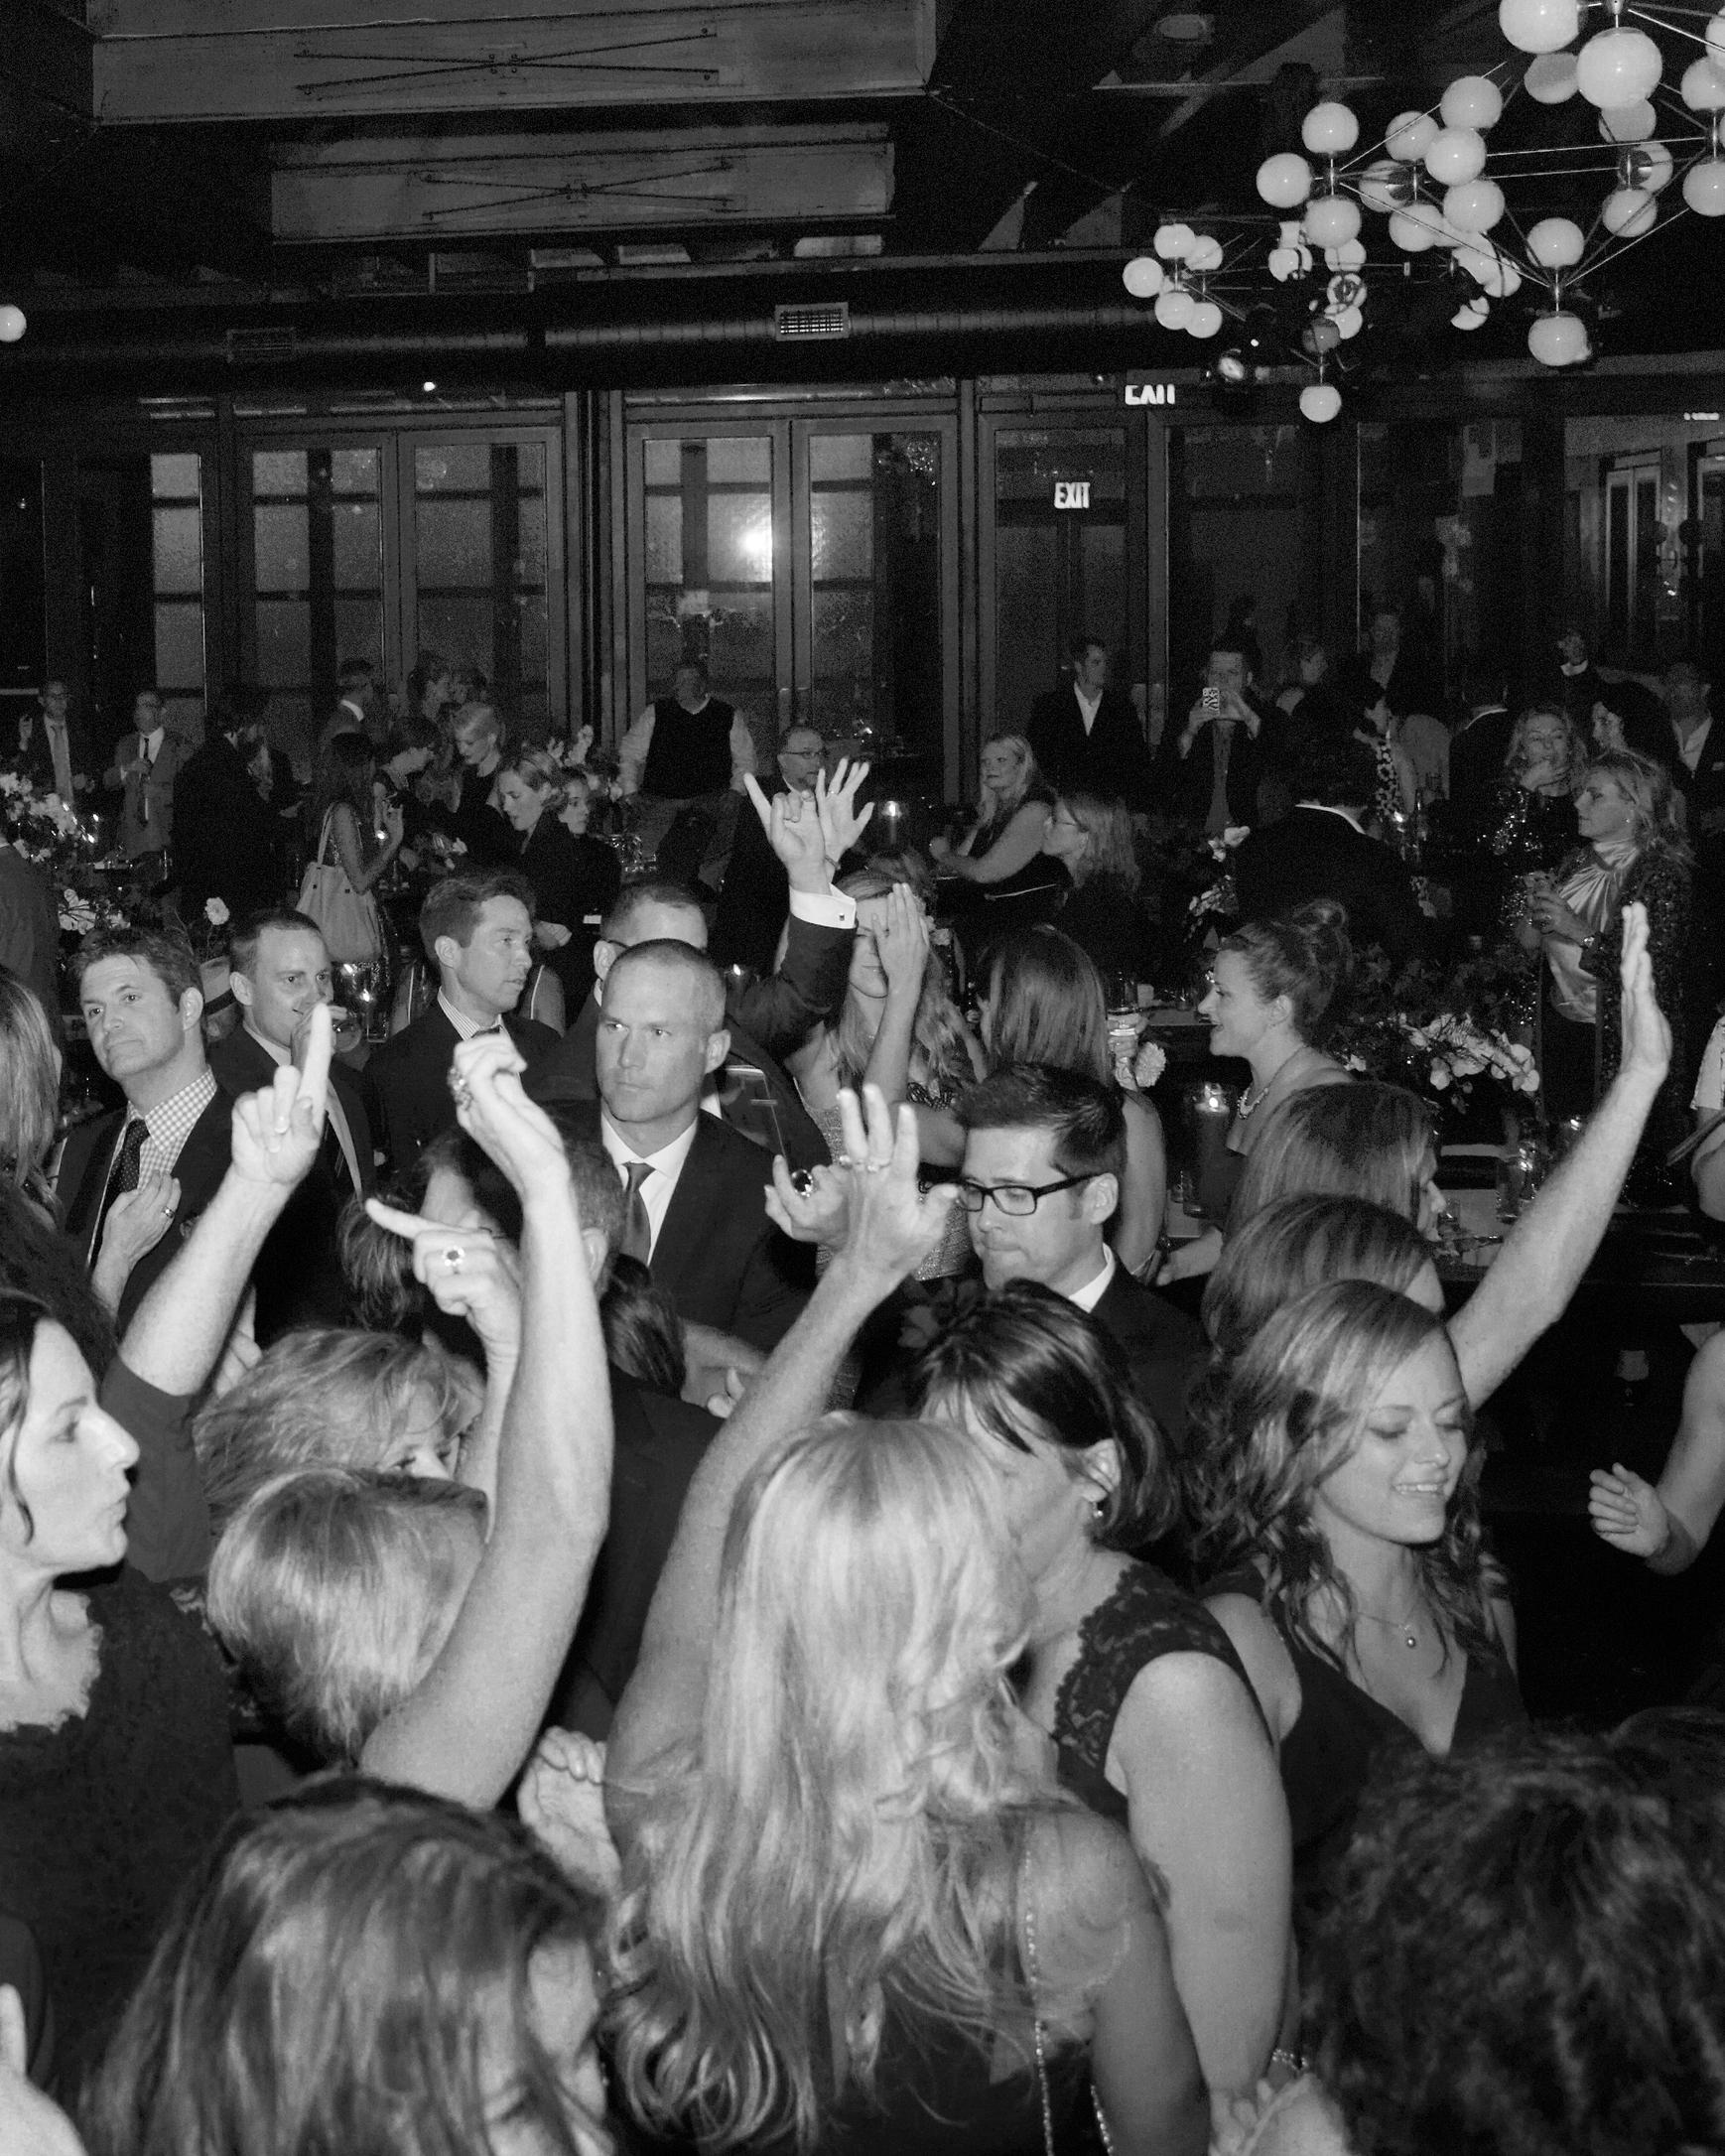 rw-anthony-rusty-reception-dancing-1354-04024-bw-wd110176.jpg